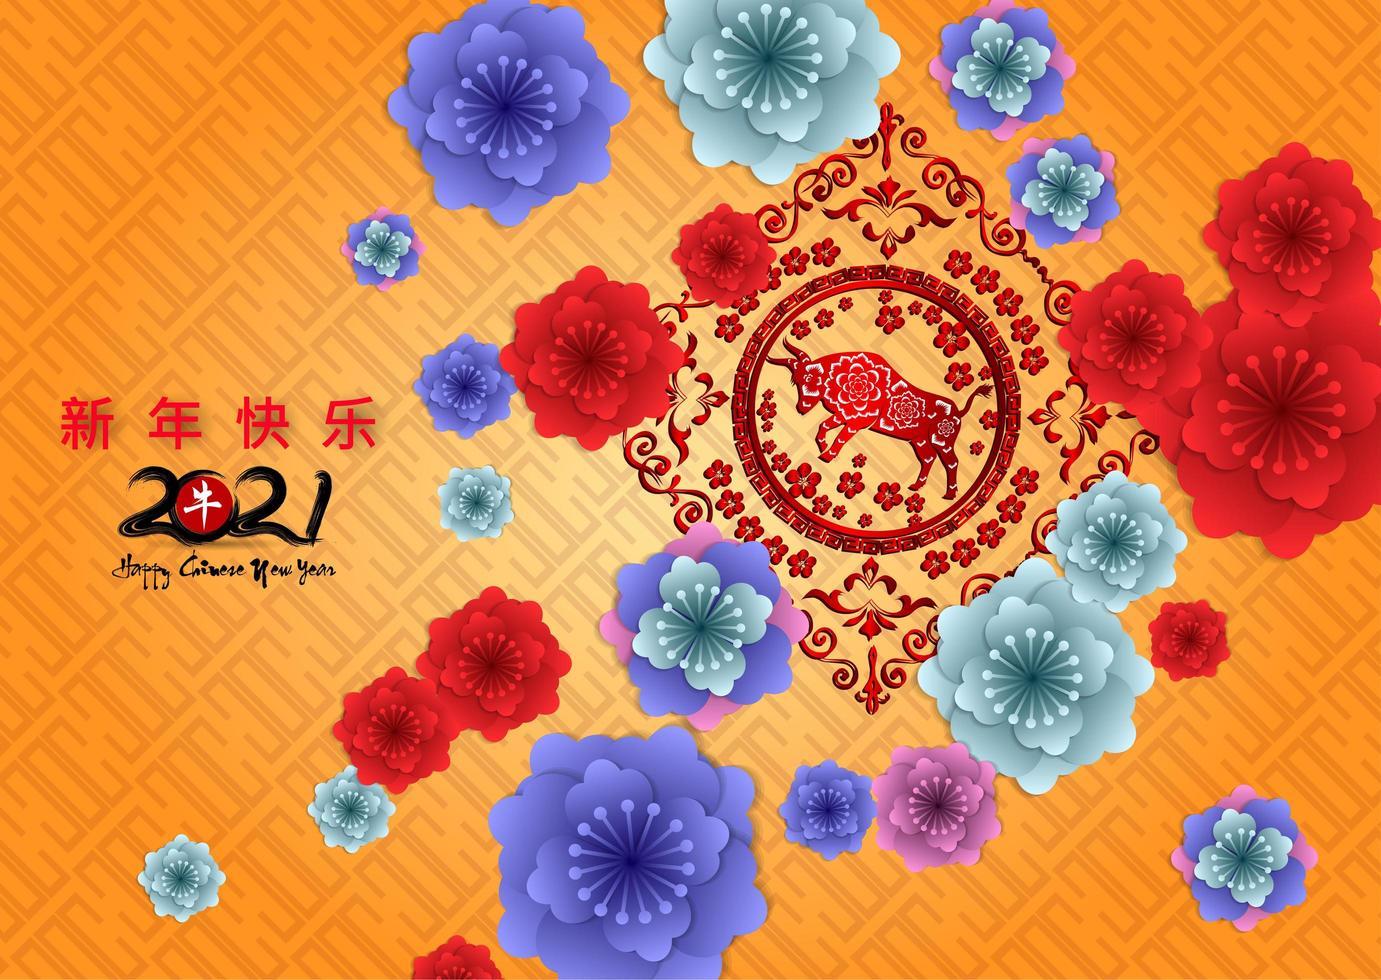 Chinees Nieuwjaar 2021 jaar van de os op oranje patroon met bloemen vector